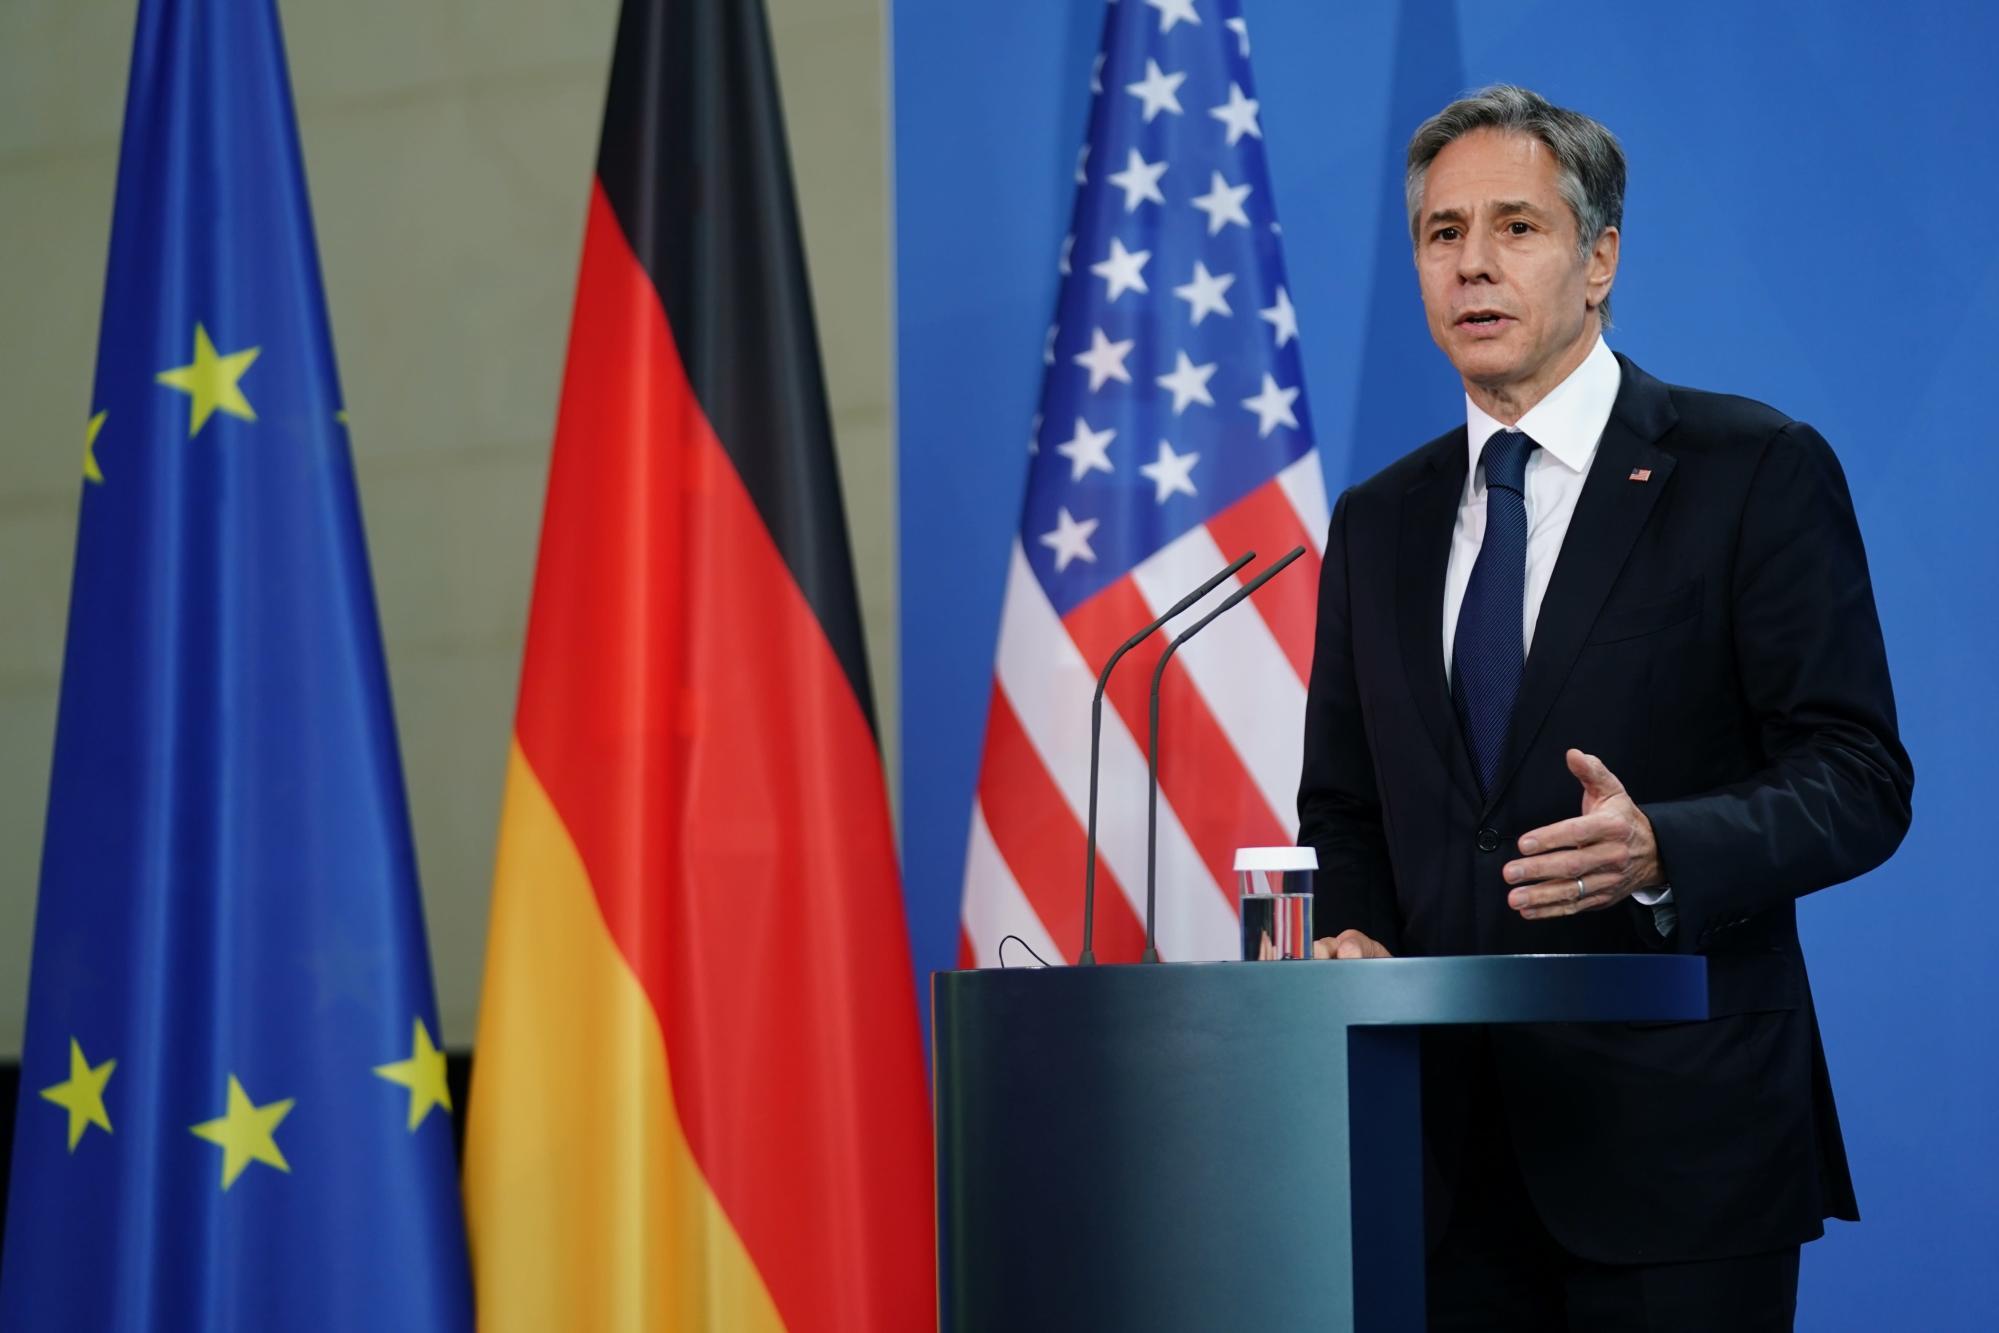 ABD Dışişleri'nden Rojava açıklaması: Bu şekilde sürdürülemez!